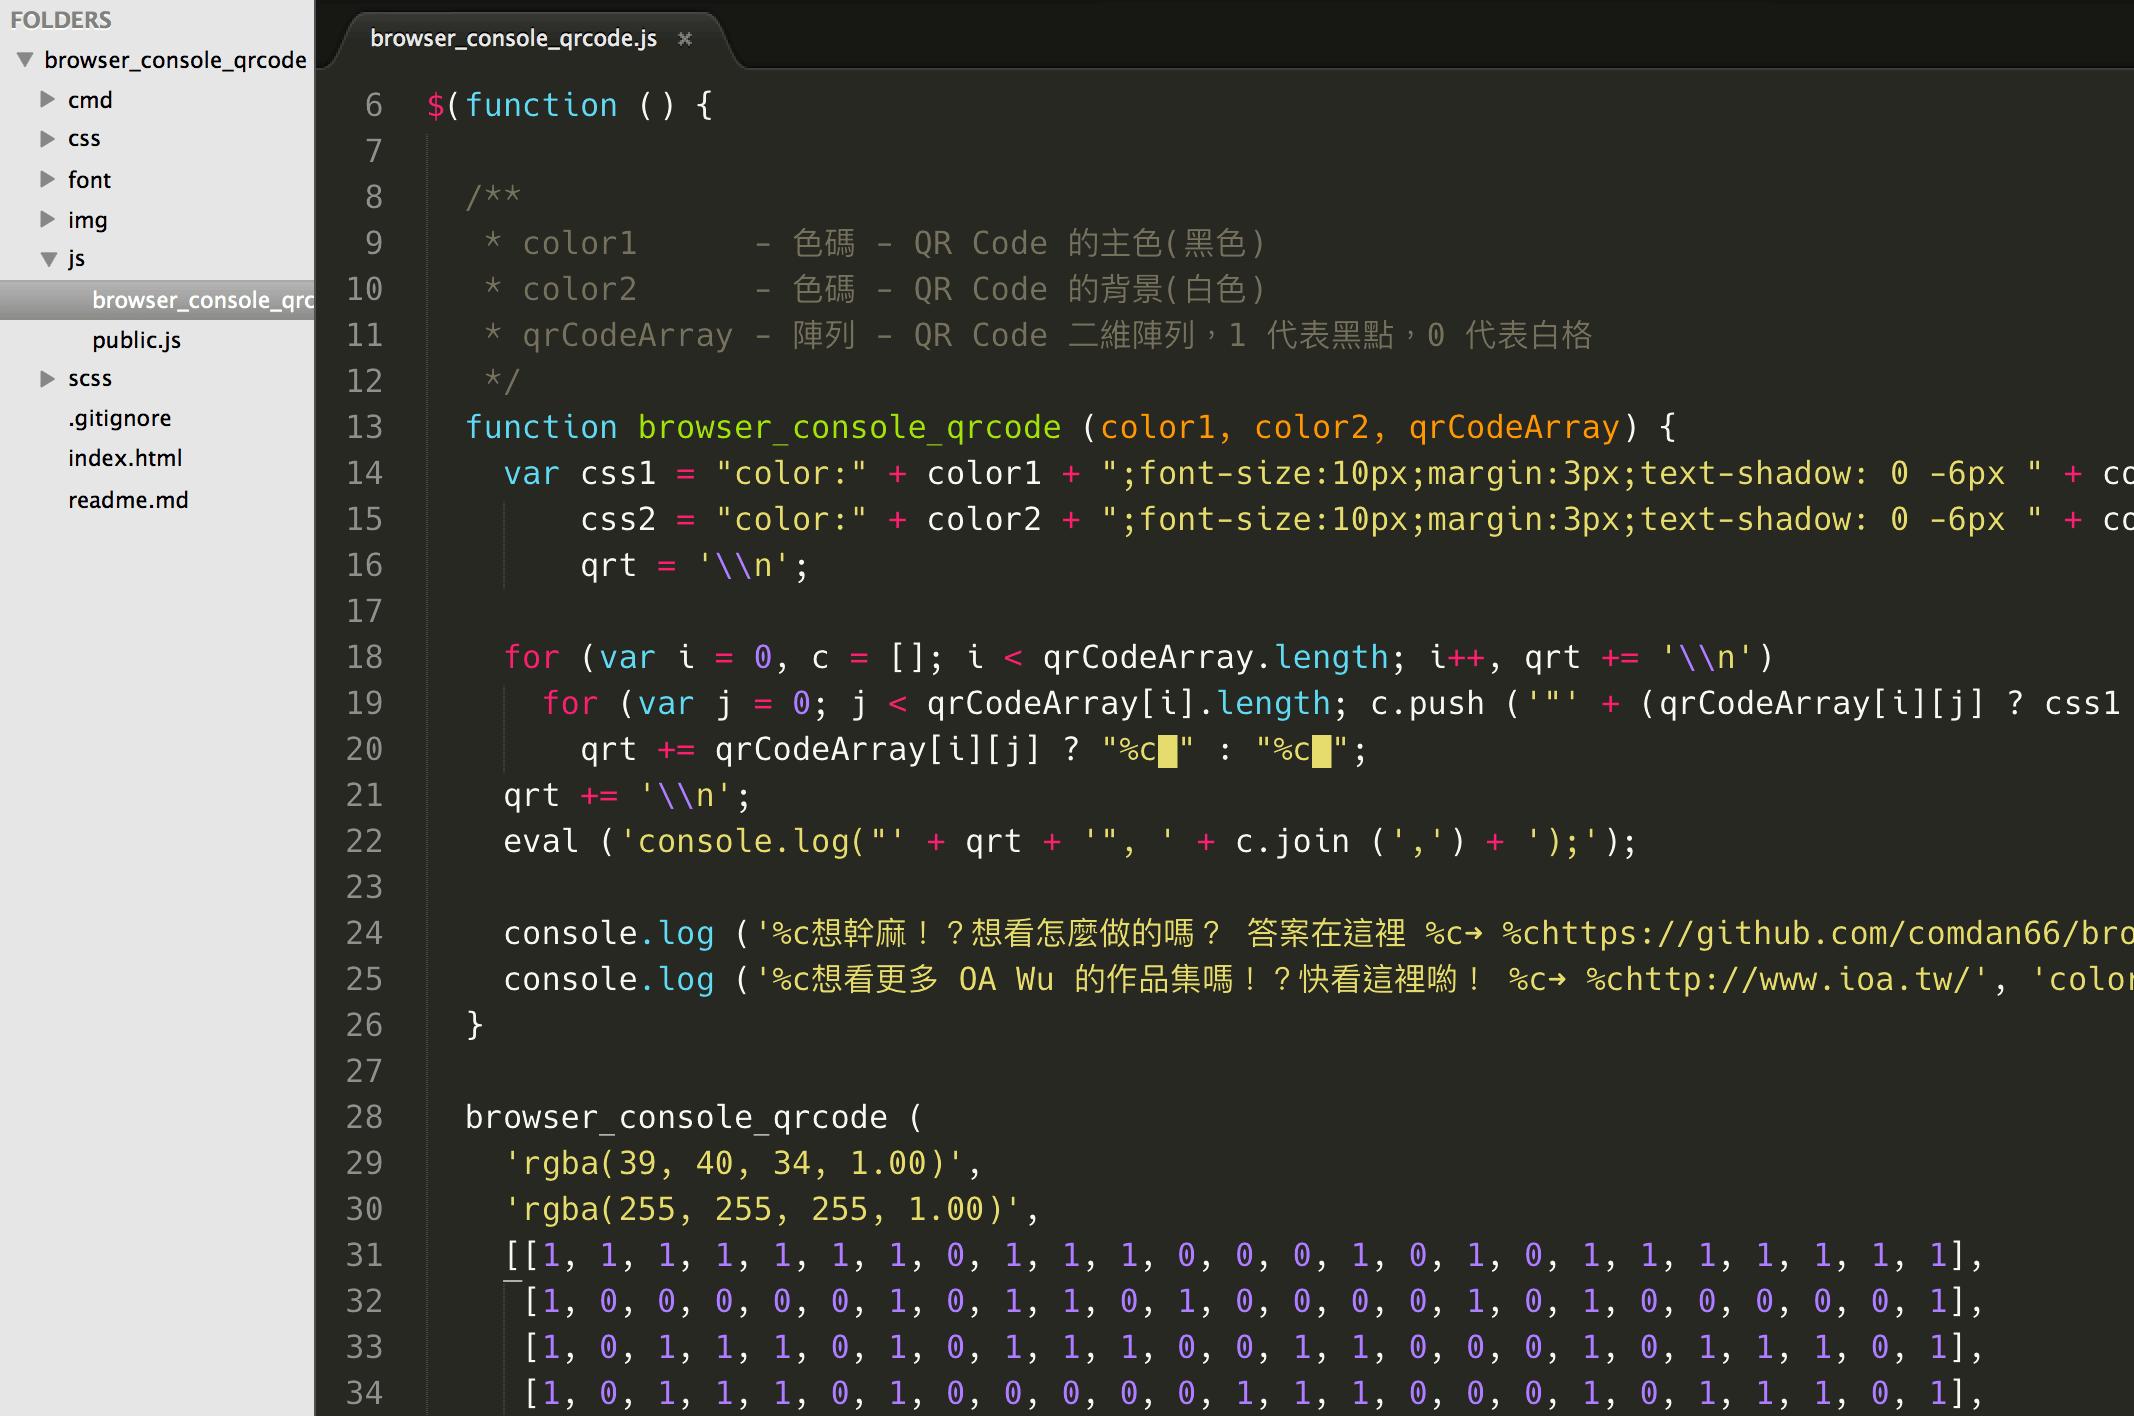 程式碼在 js/browser_console_qrcode.js 內,程式碼有簡易註解,主要利用 Console.log 的方式去印出,其中使用基本 css 語法修飾,會使用 text-shadow 主要是要掩飾換行的行距空白,line-height 不能設太小,所以利用 text-shadow 掩飾空白處